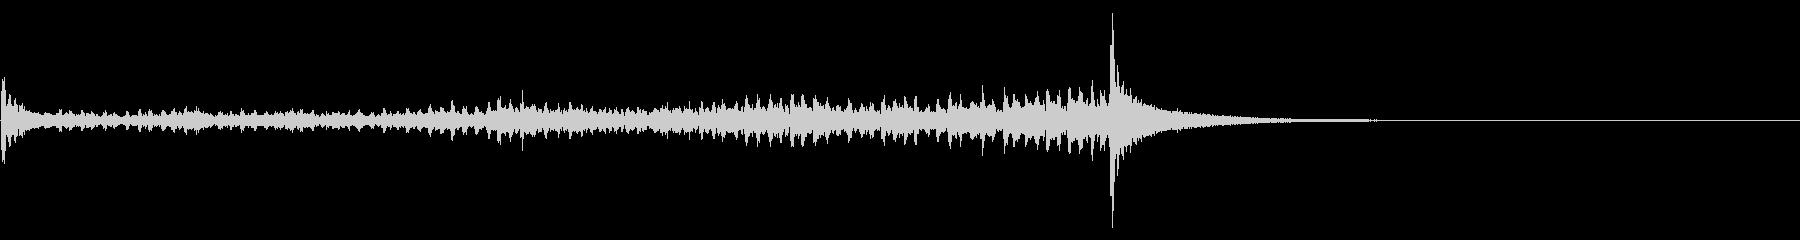 ティンパニーロール☆ロング3の未再生の波形